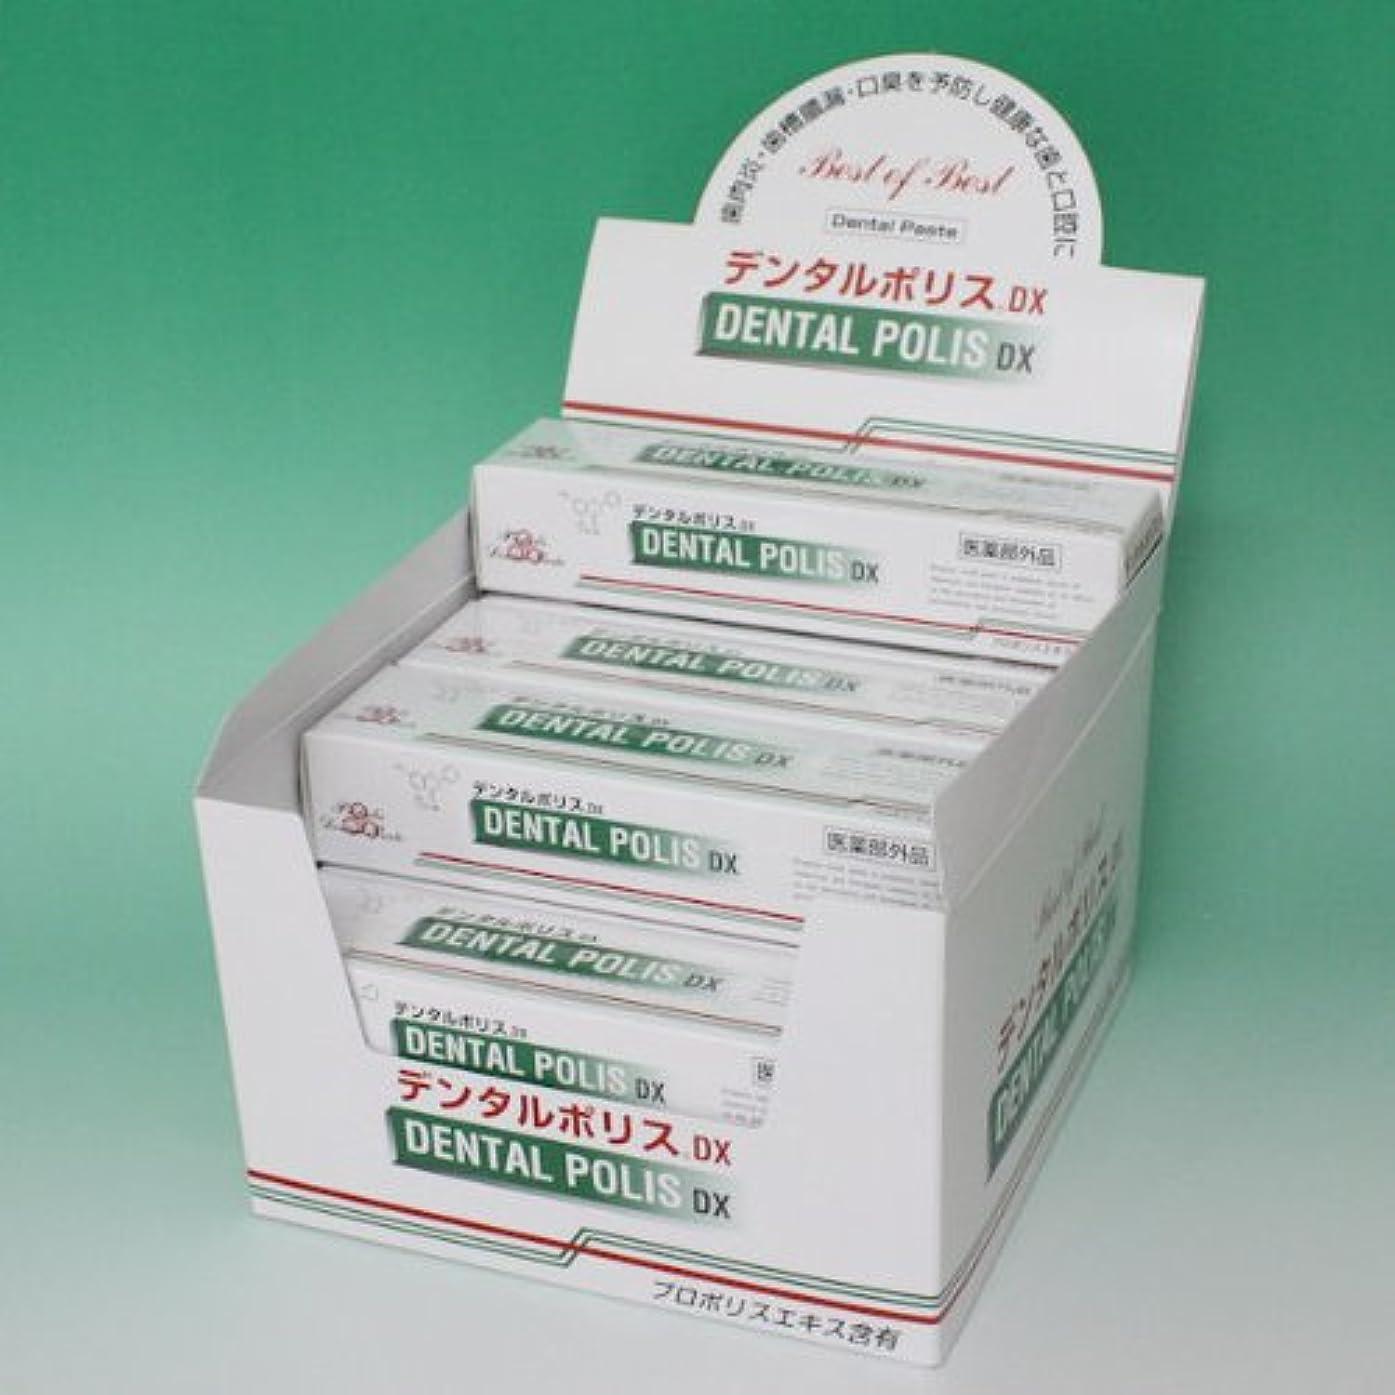 符号ソーダ水セクションデンタルポリスDX 80g  12本セット 医薬部外品  歯みがき 8gサンプル2本 進呈!